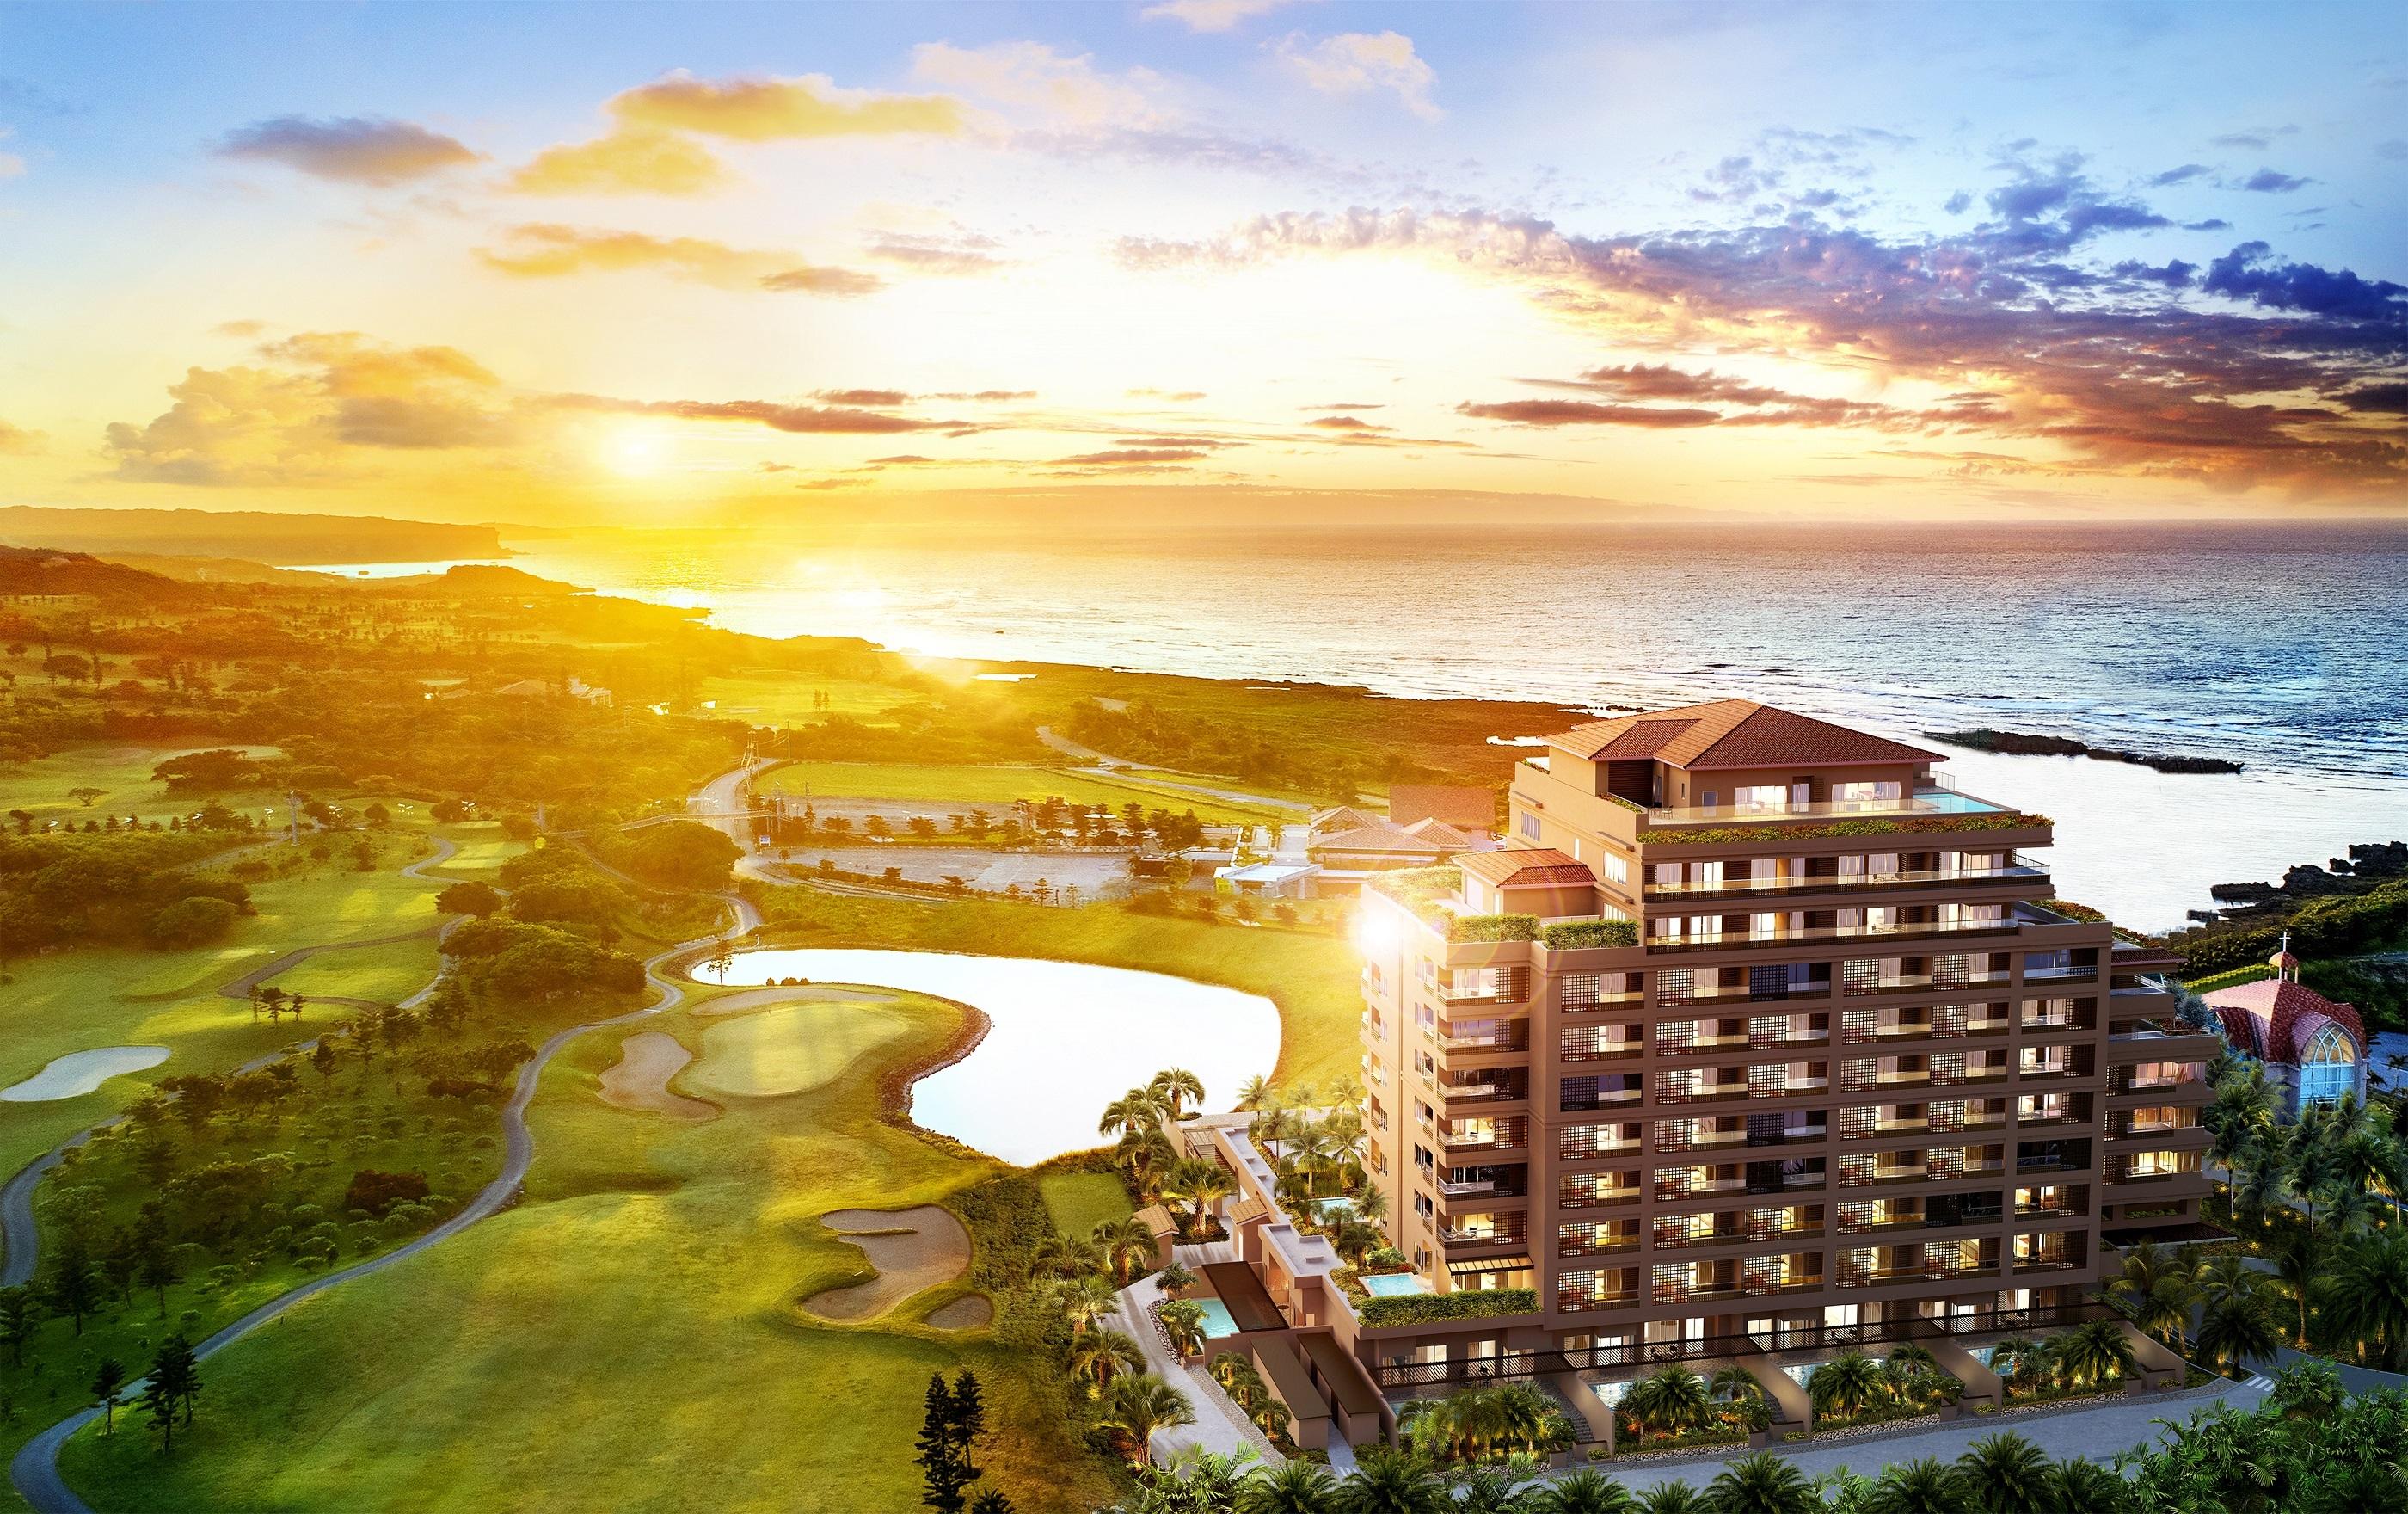 ユニマットプレシャス、沖縄・宮古島に「ホテルシギラミラージュ」を2019年4月に開業